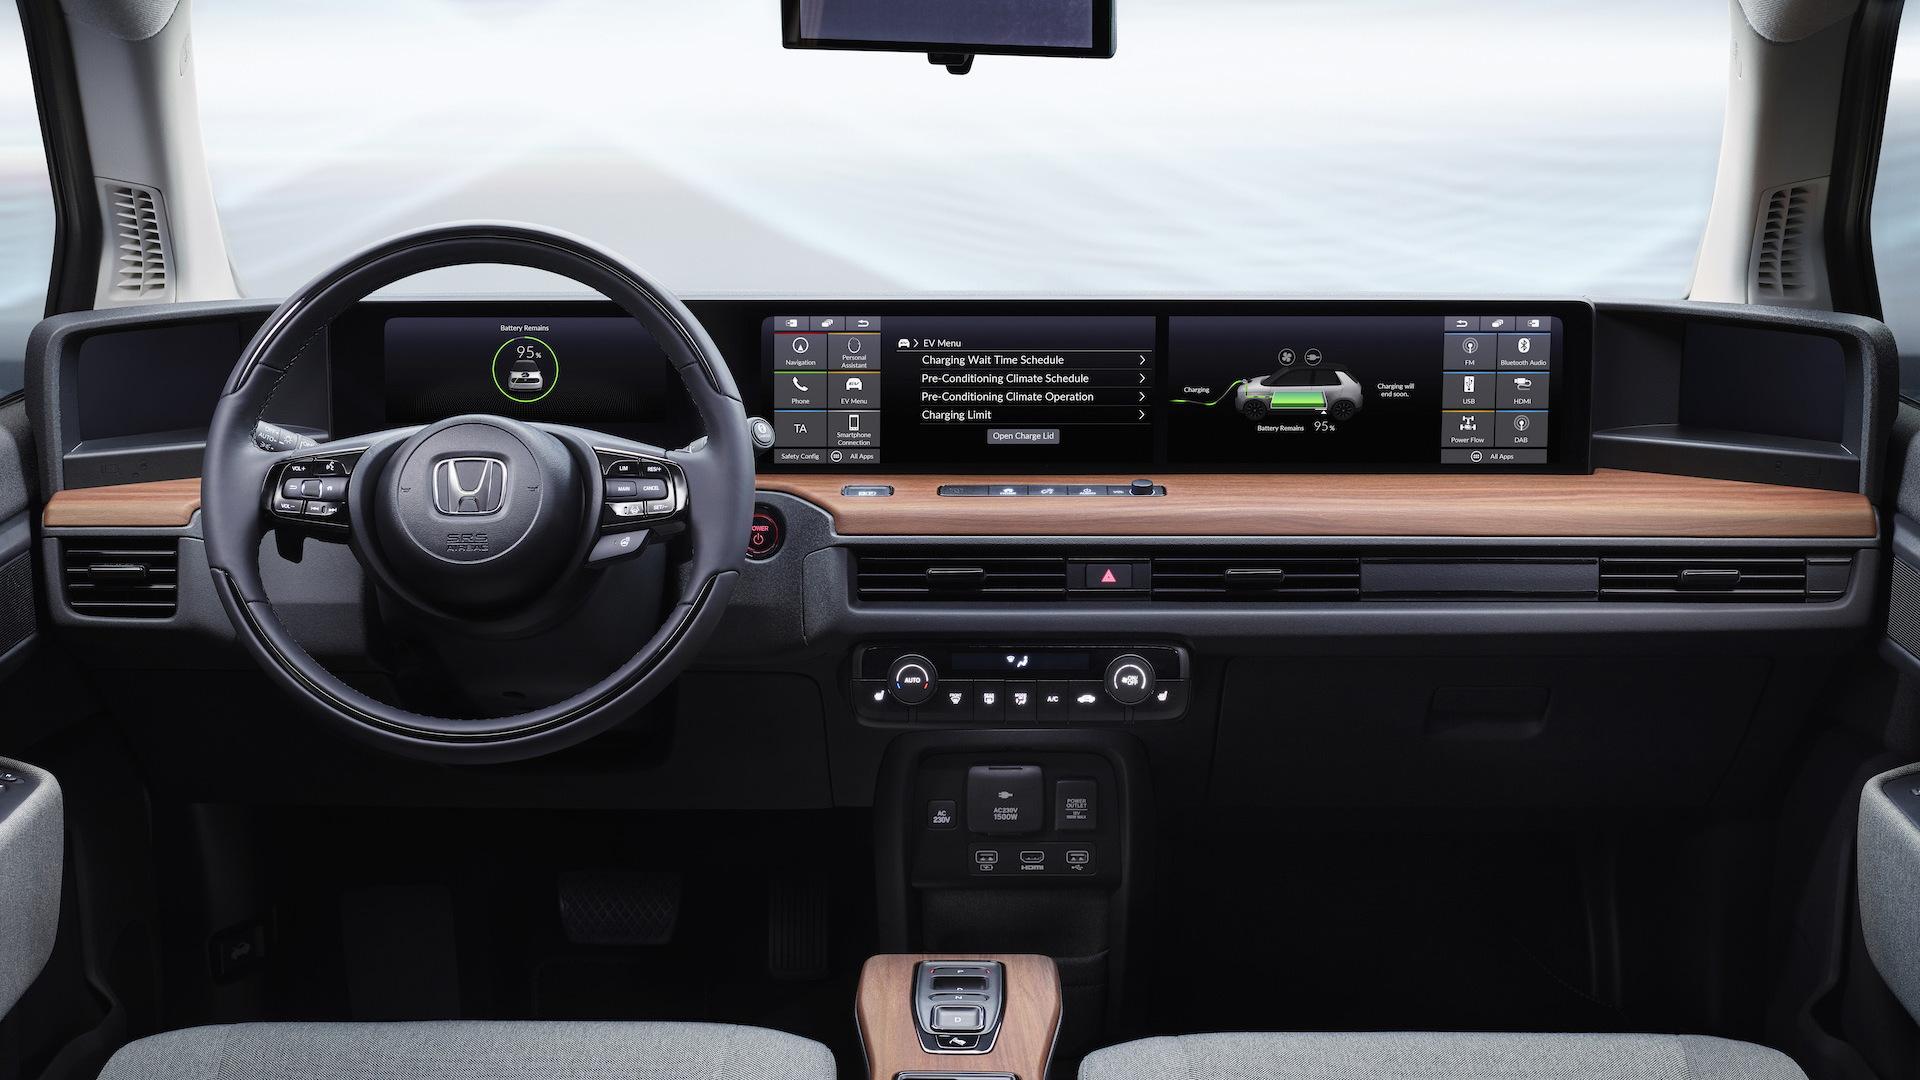 Honda E Becomes Official Name Of Urban Ev More Hybrids To Come